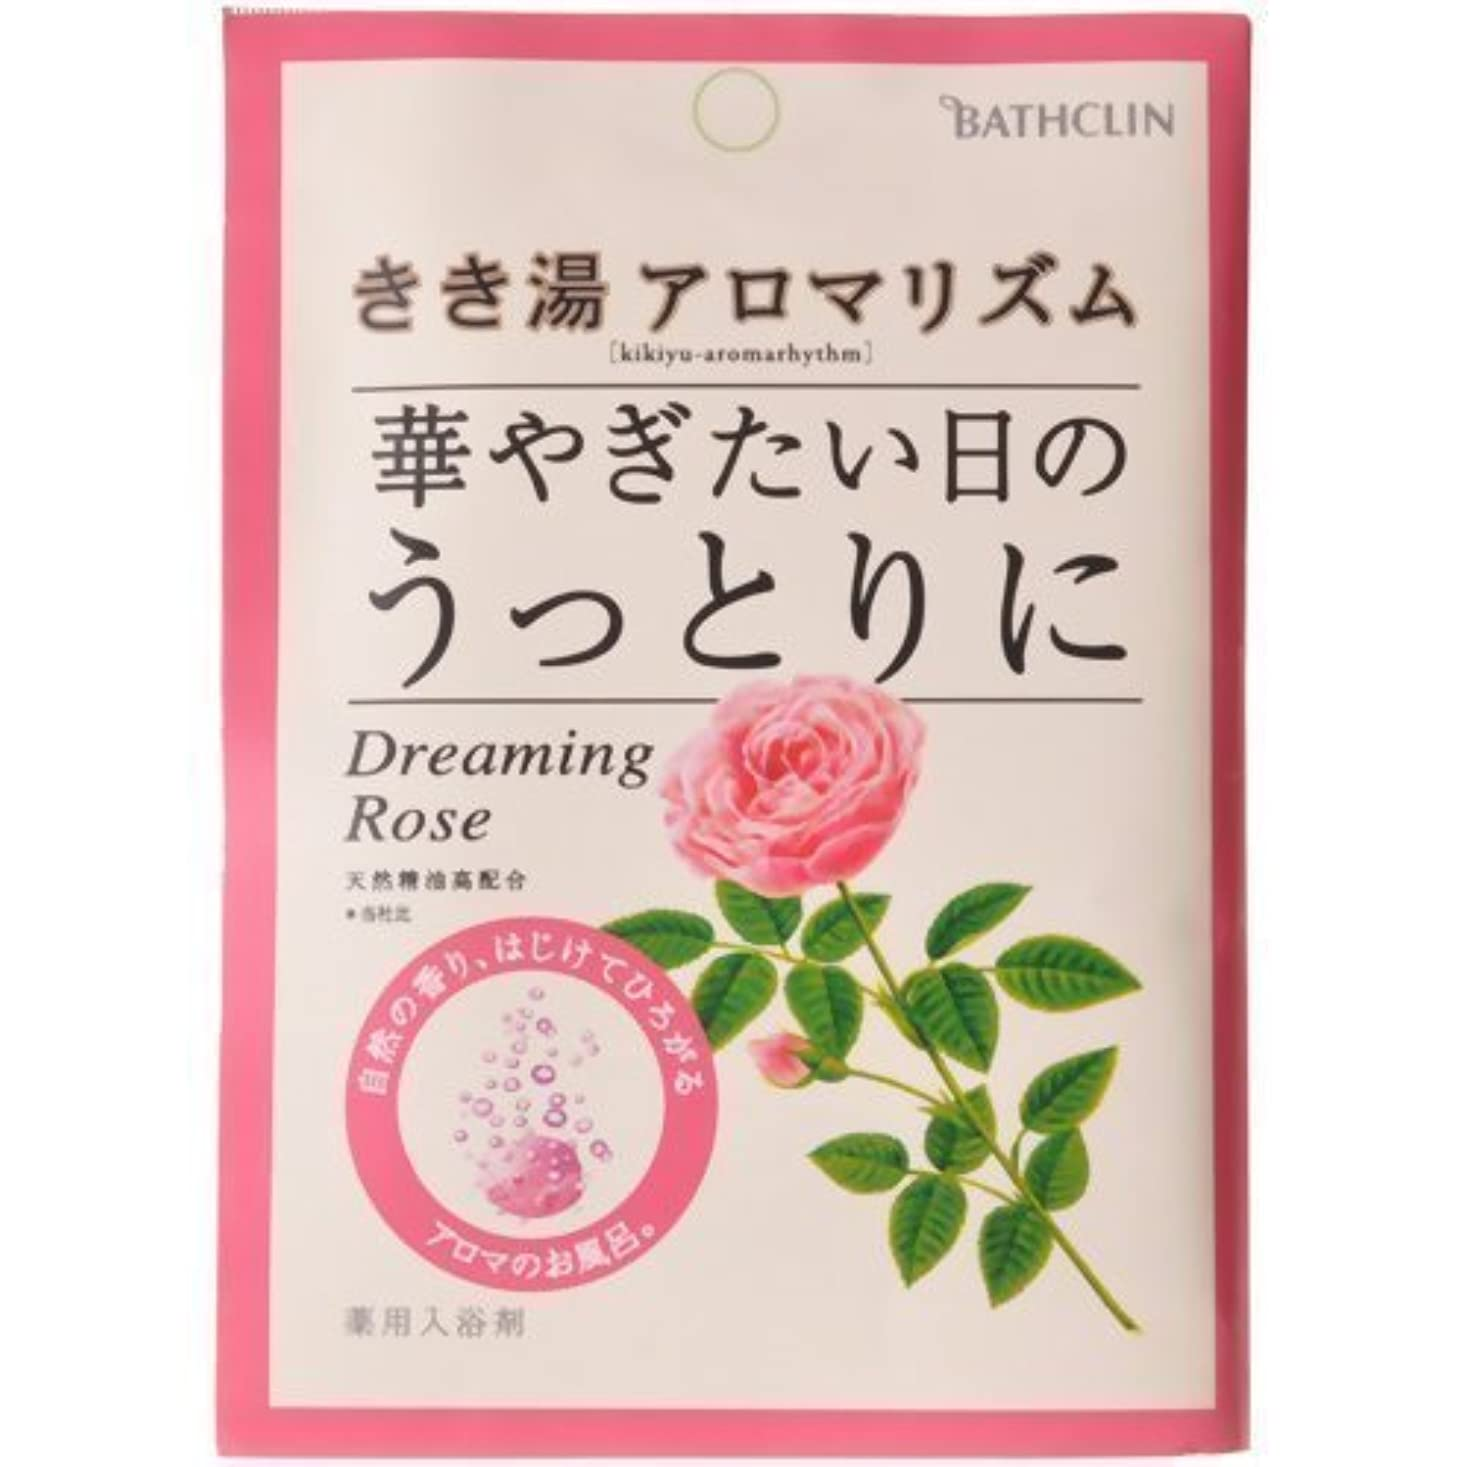 ジャグリング限定和きき湯 アロマリズム ドリーミングローズの香り 30g